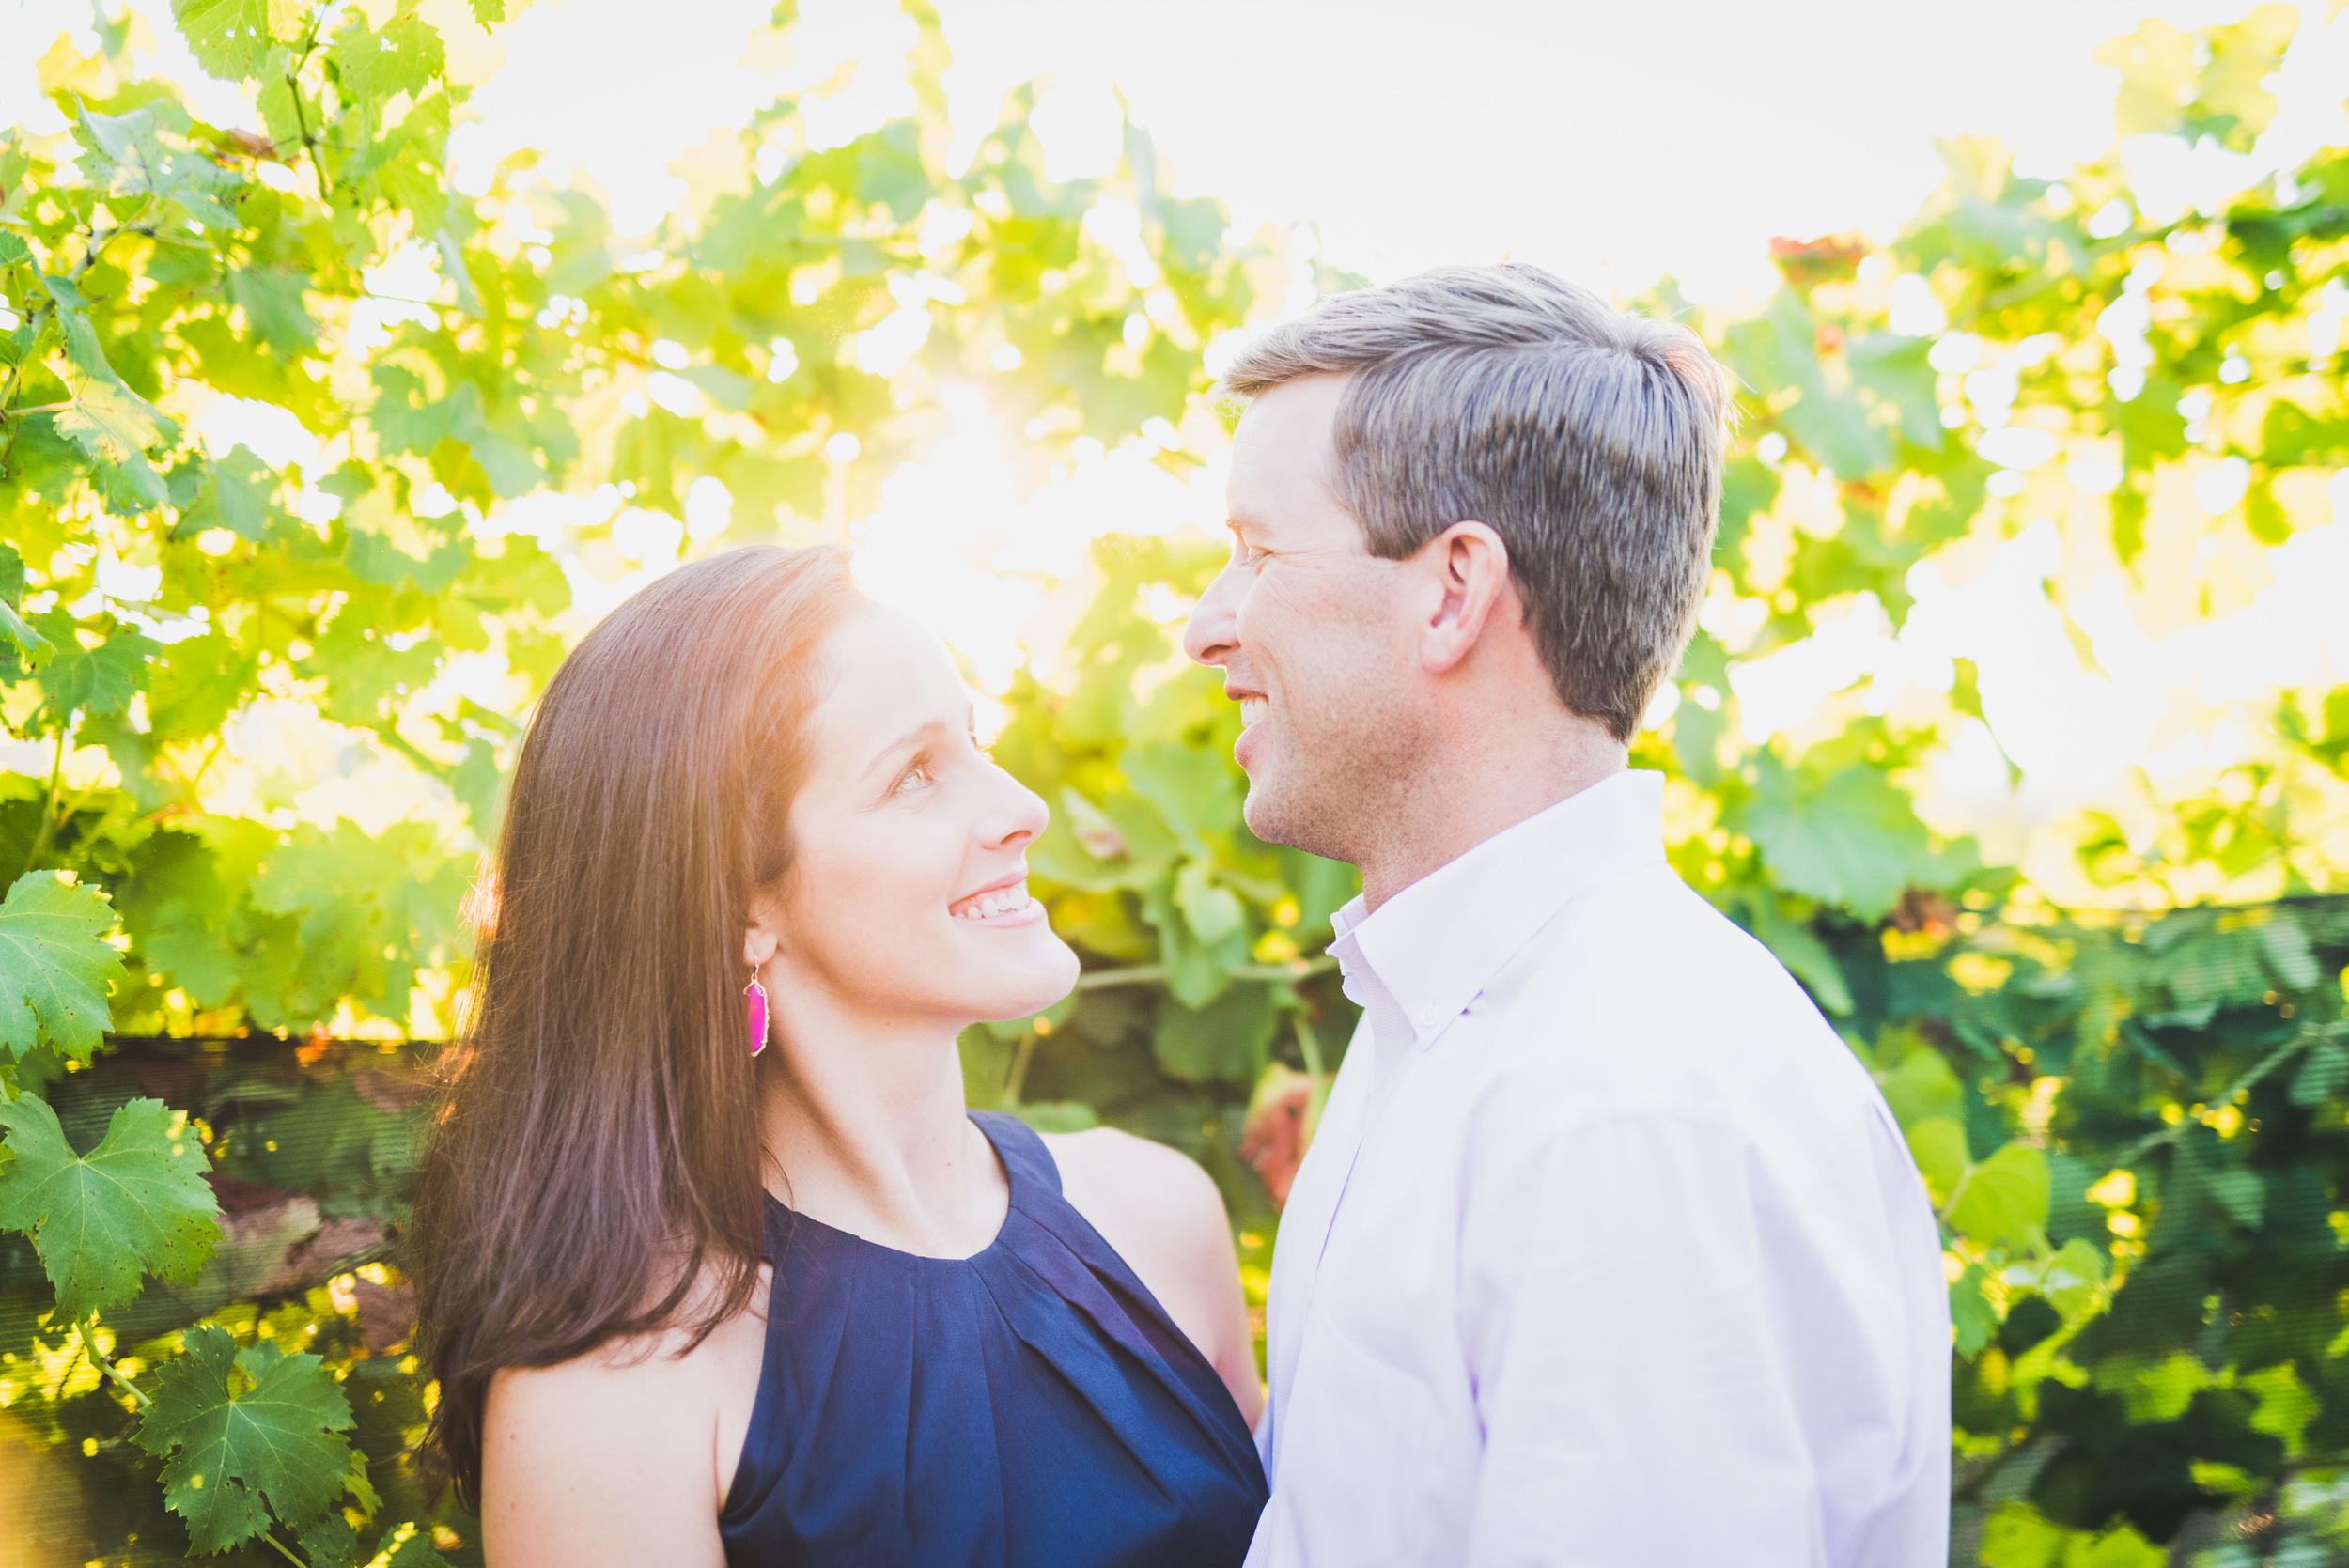 Arrington-Vineyard-Nashville-Wedding-Photographer-11.jpg